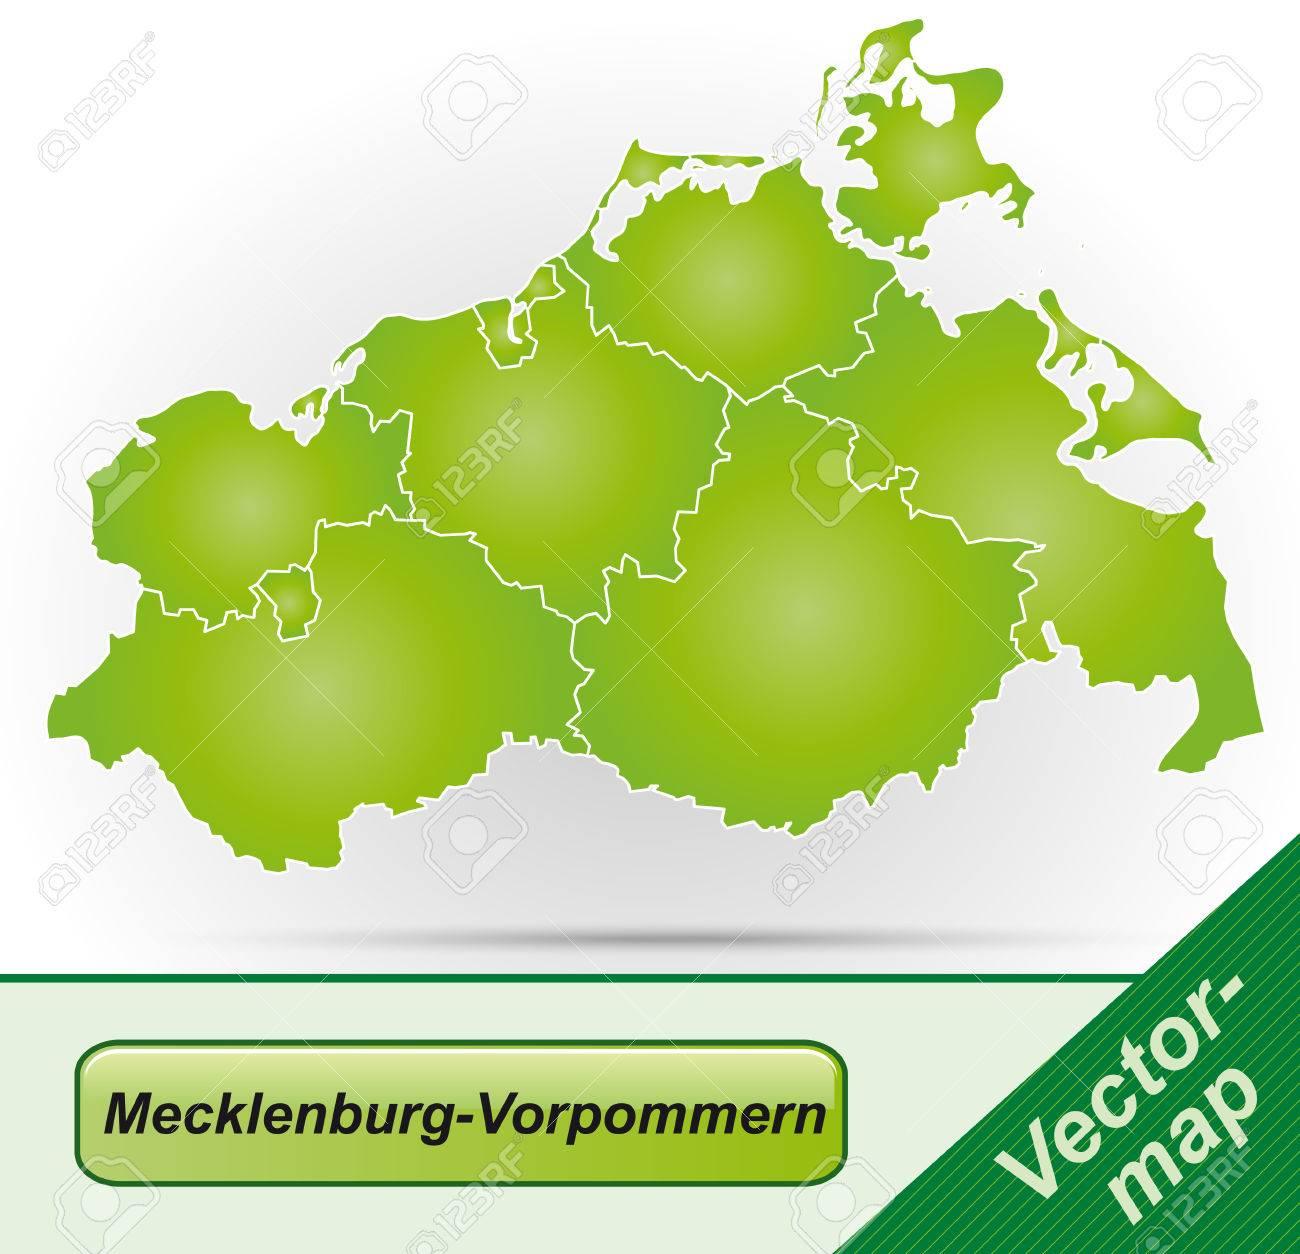 Karte Von Mecklenburg-Vorpommern Mit Rahmen In Grün Lizenzfrei ...